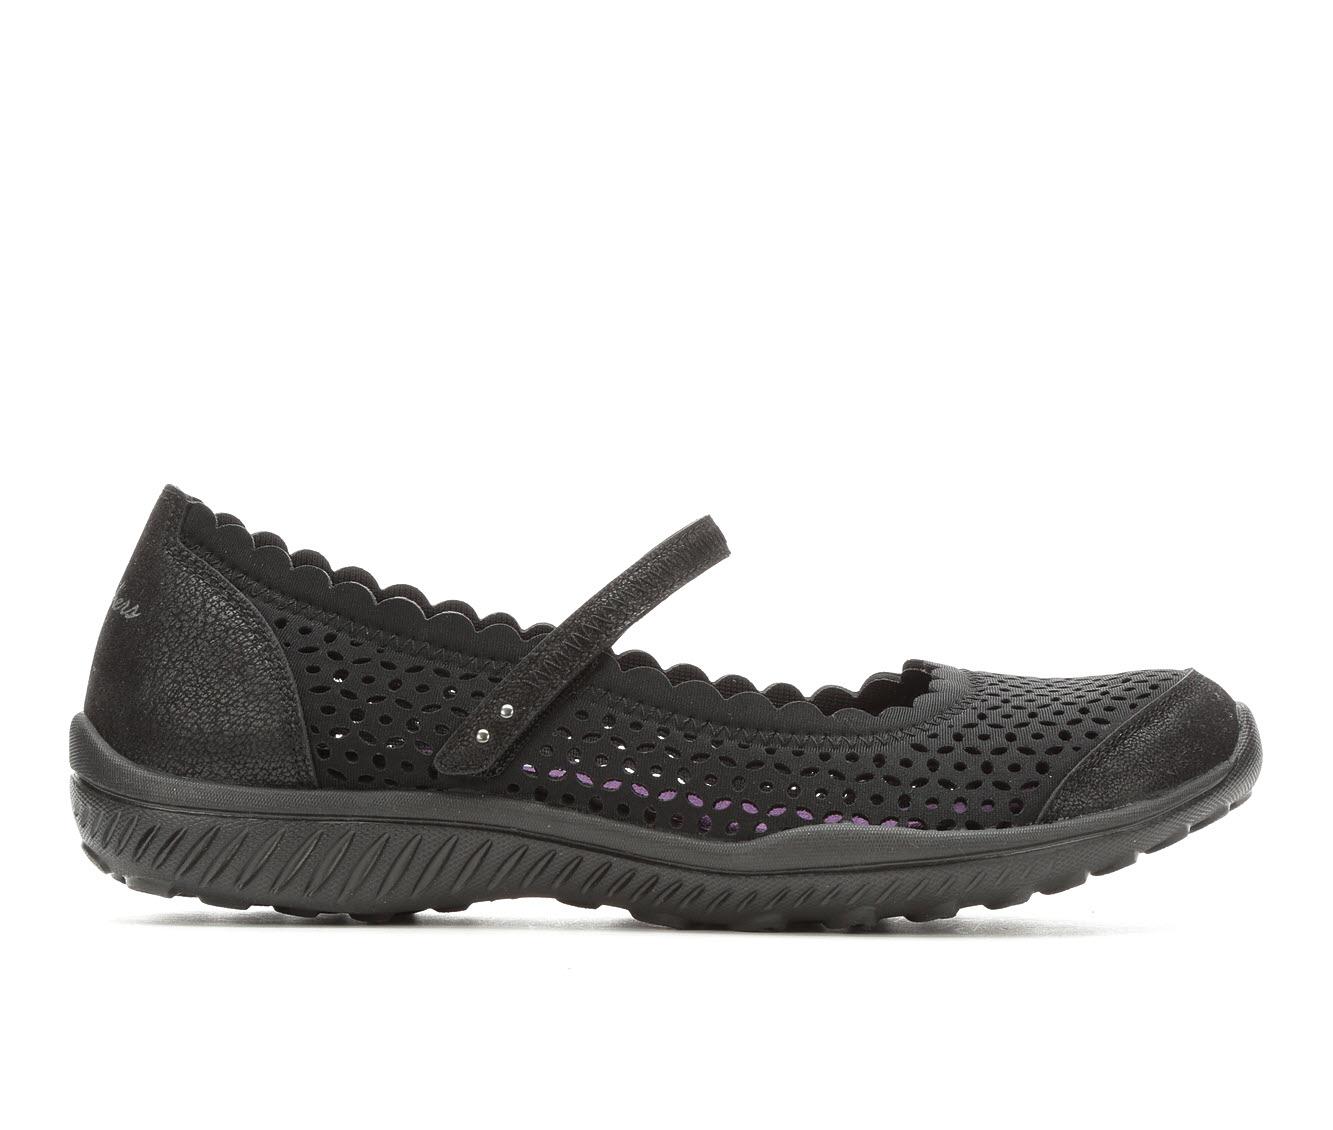 Skechers My Desire 23290 Women's Shoe (Black Canvas)